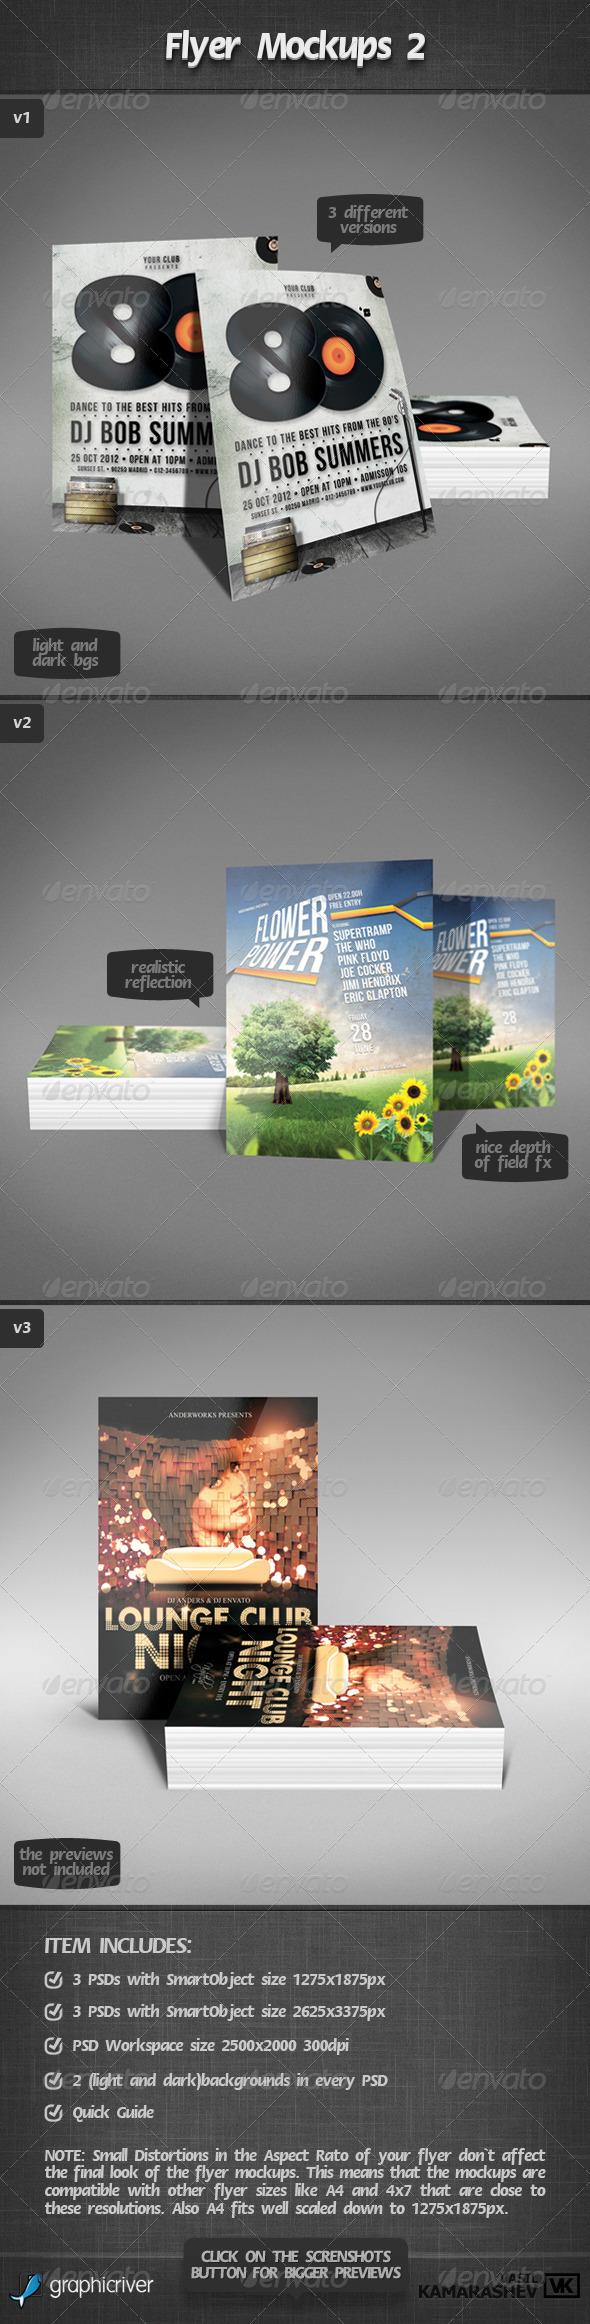 GraphicRiver Flyer Mockups 2 2375154